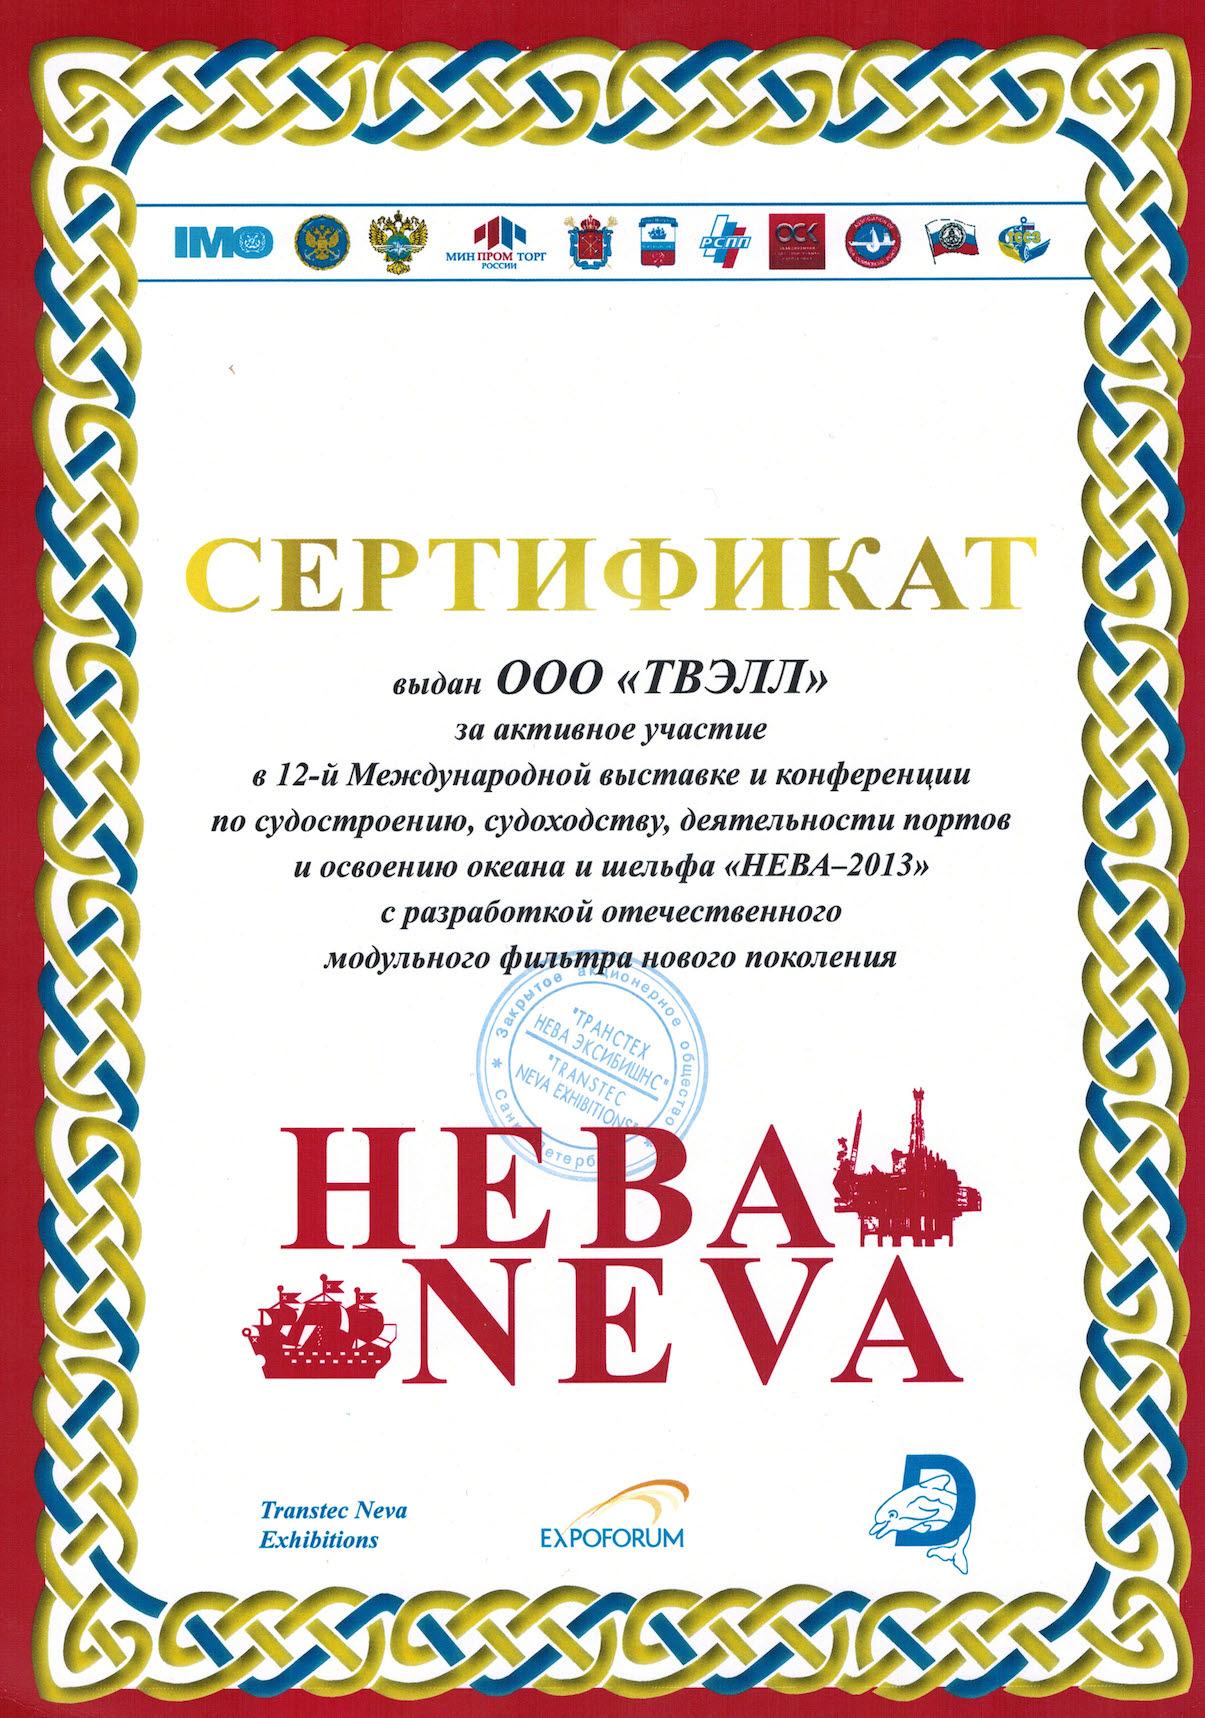 Neva2013